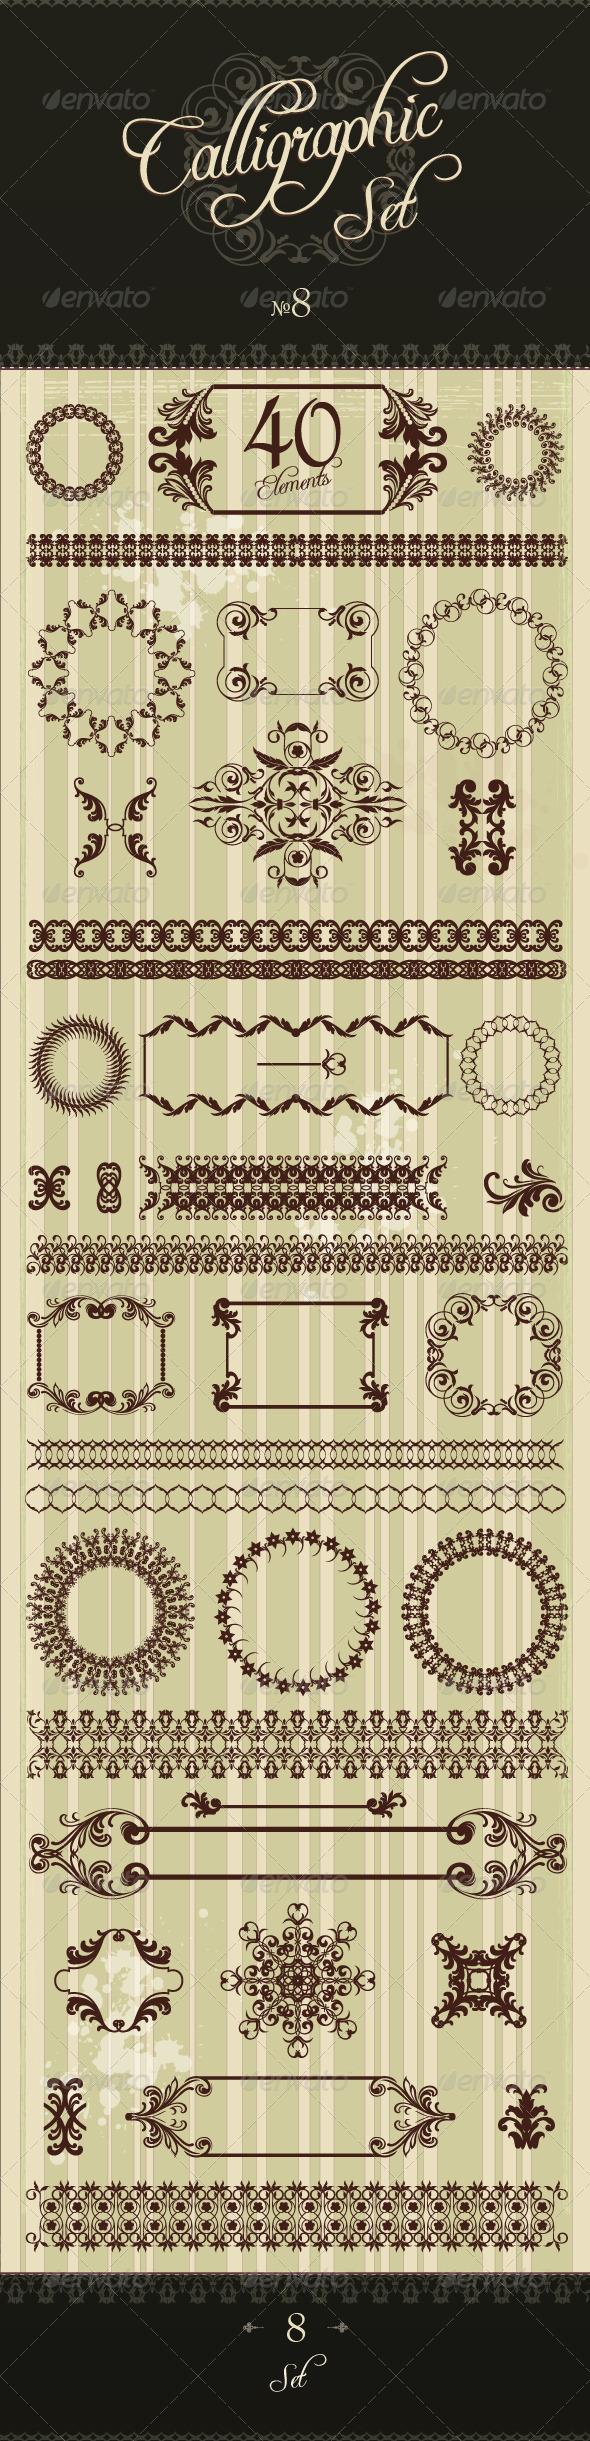 Premium Calligraphic Design Set 8 - Flourishes / Swirls Decorative